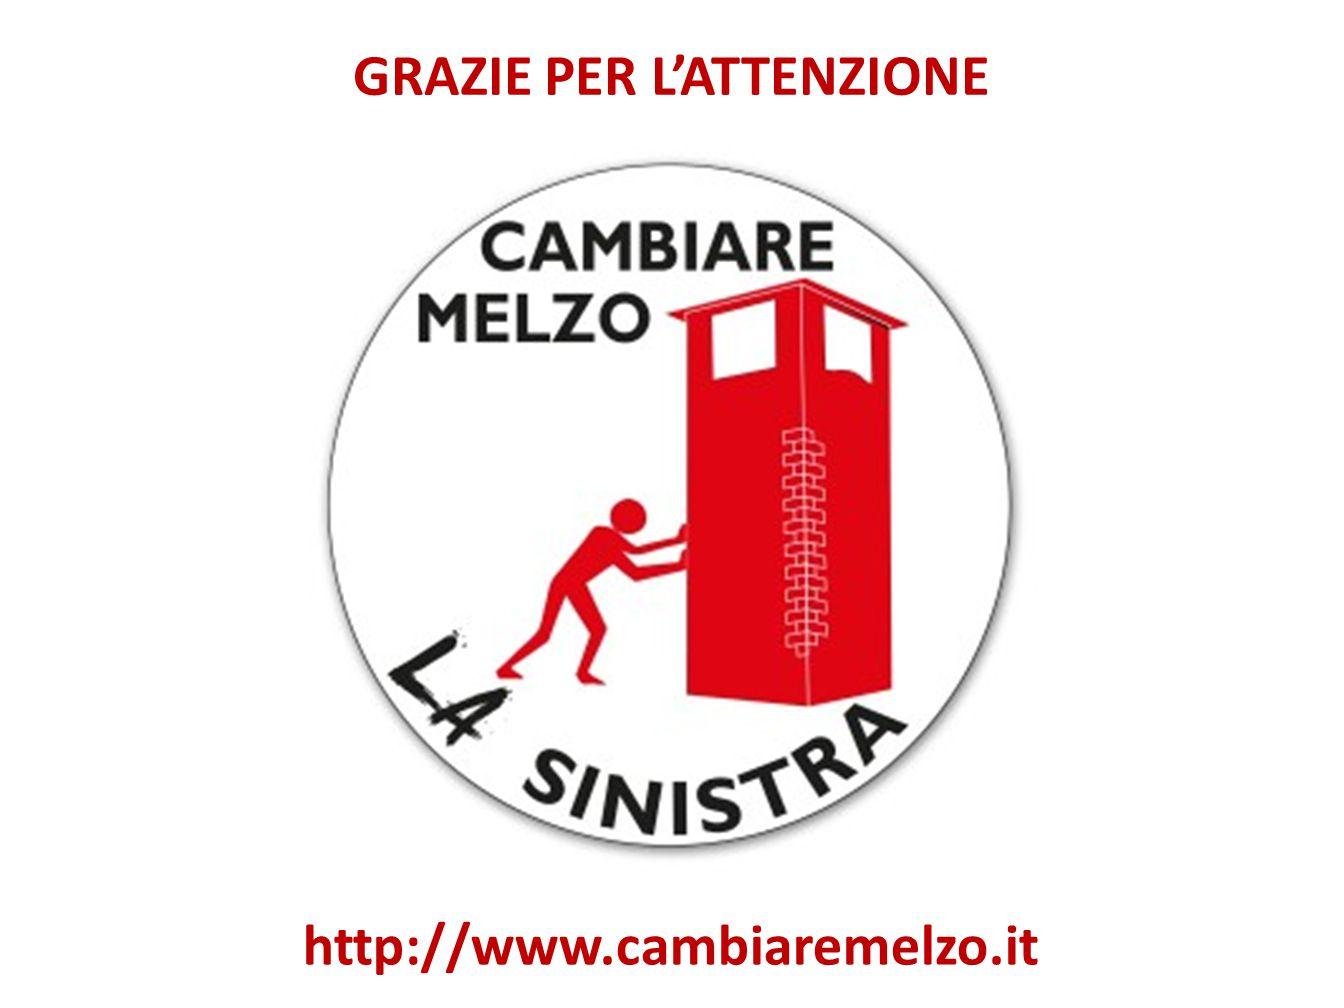 GRAZIE PER L'ATTENZIONE http://www.cambiaremelzo.it